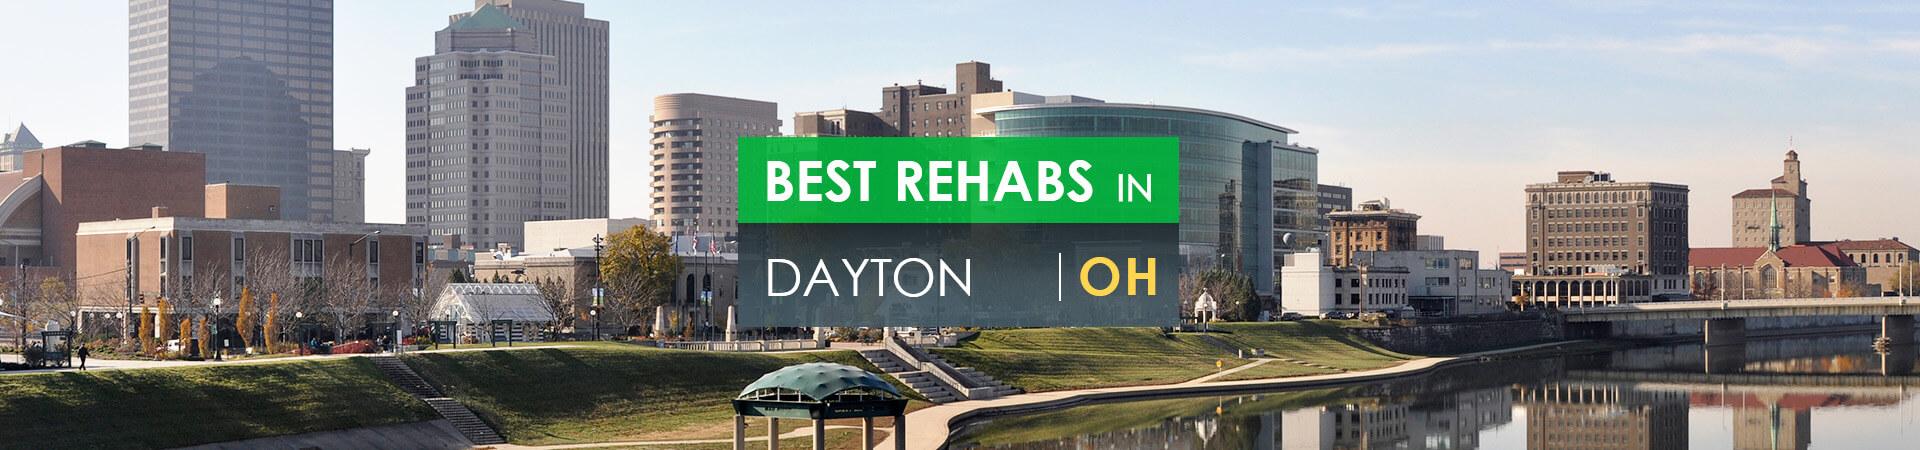 Best rehabs in Dayton, OH